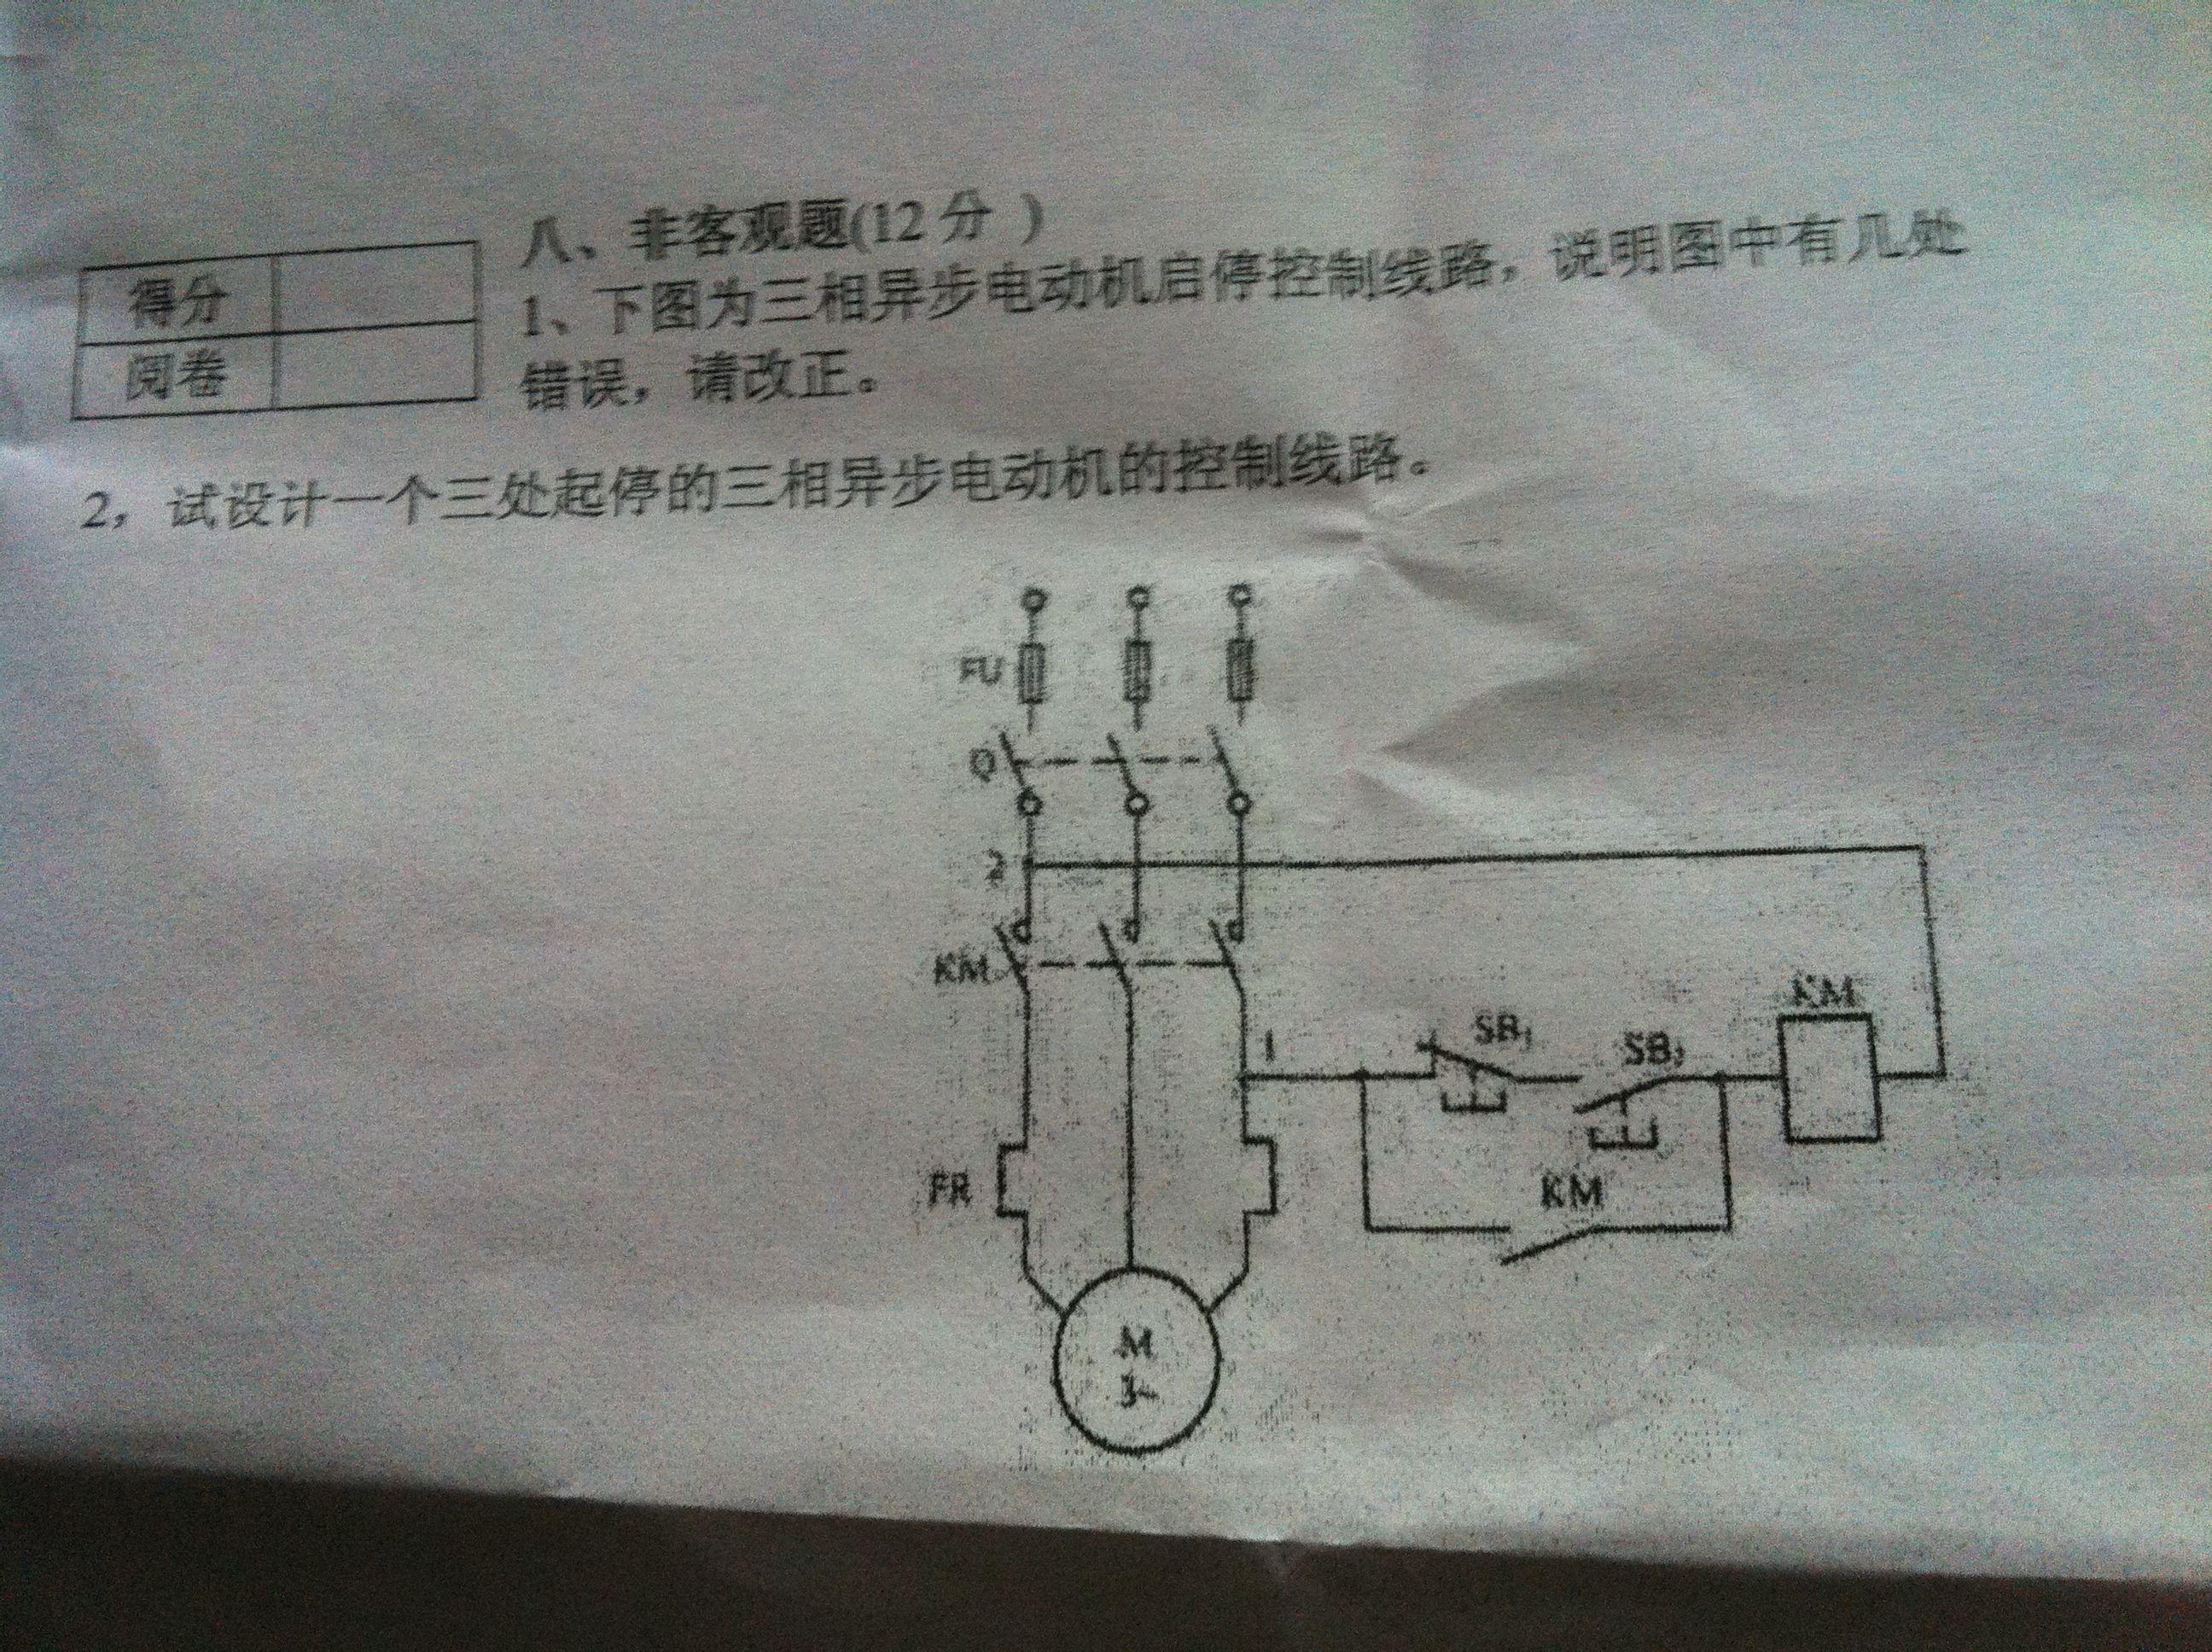 电子电工 三相异步电动机启停控制电路的问题 说明图中错误